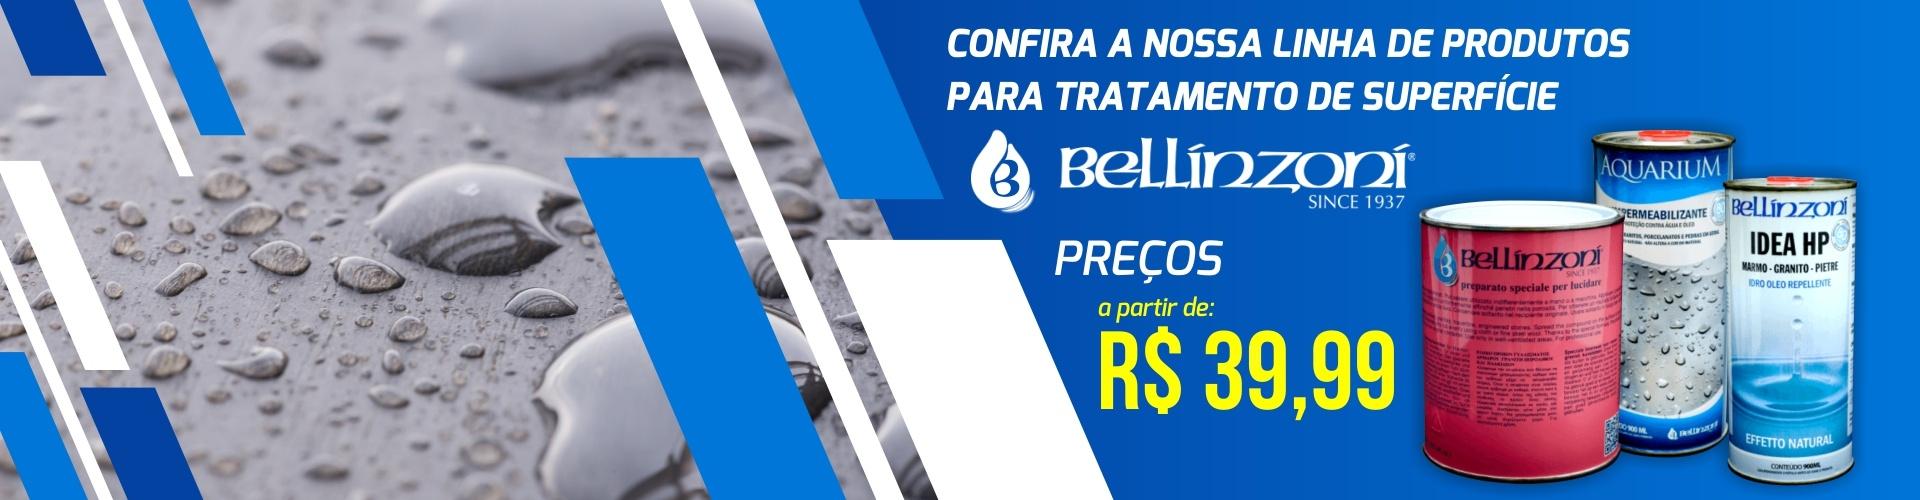 produtos bellinzoni